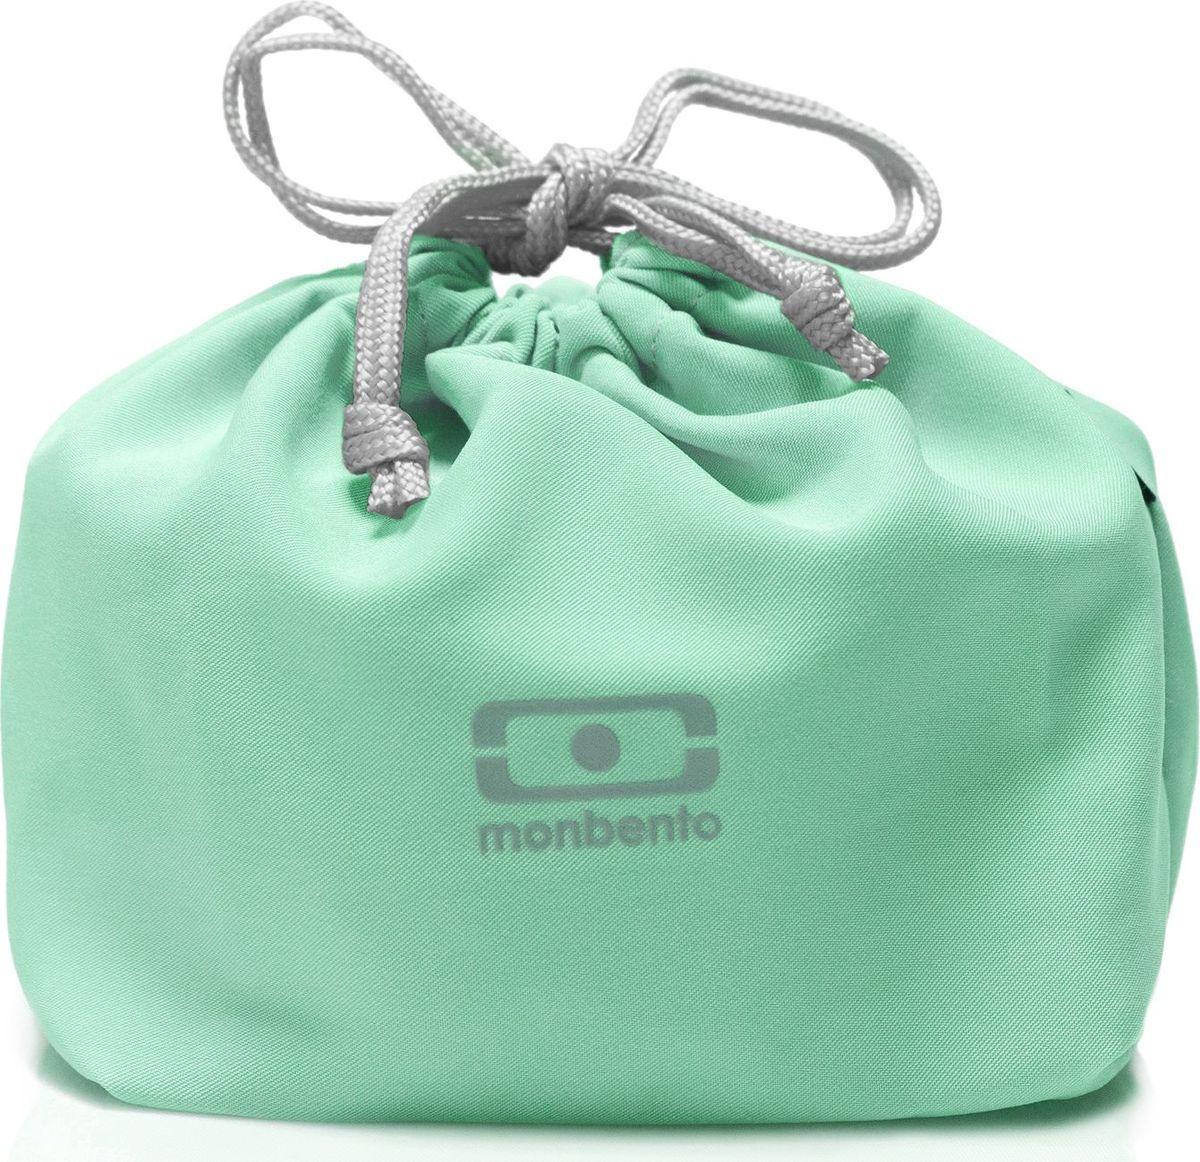 Мешочек для ланча Monbento Pochette, цвет: мятныйHPL815MИдеальное дополнение к каждому ланч-боксу! Стильный мешочек для ланчапоможет вам комфортно и надежно транспортировать ланч-бокс, положив его всумку или даже неся в руке. Сложите в мешочек все, что вам понадобится дляобеда: ланч-бокс, приборы, салфетки и другие нужные вещи. Все это будет вцелости и сохранности, а вы сможете комфортно пообедать в любом месте.Вместительный мешочек защитит ланч-бокс и другие предметы от механическихповреждений и позволит компактно транспортировать все обеденныепринадлежности. Вам не нужно будет тратить время на поиски того или иногопредмета – все будет под рукой!Практичный и легкий в уходе полиэстер очень просто стирать, для негоразрешена машинная стирка.